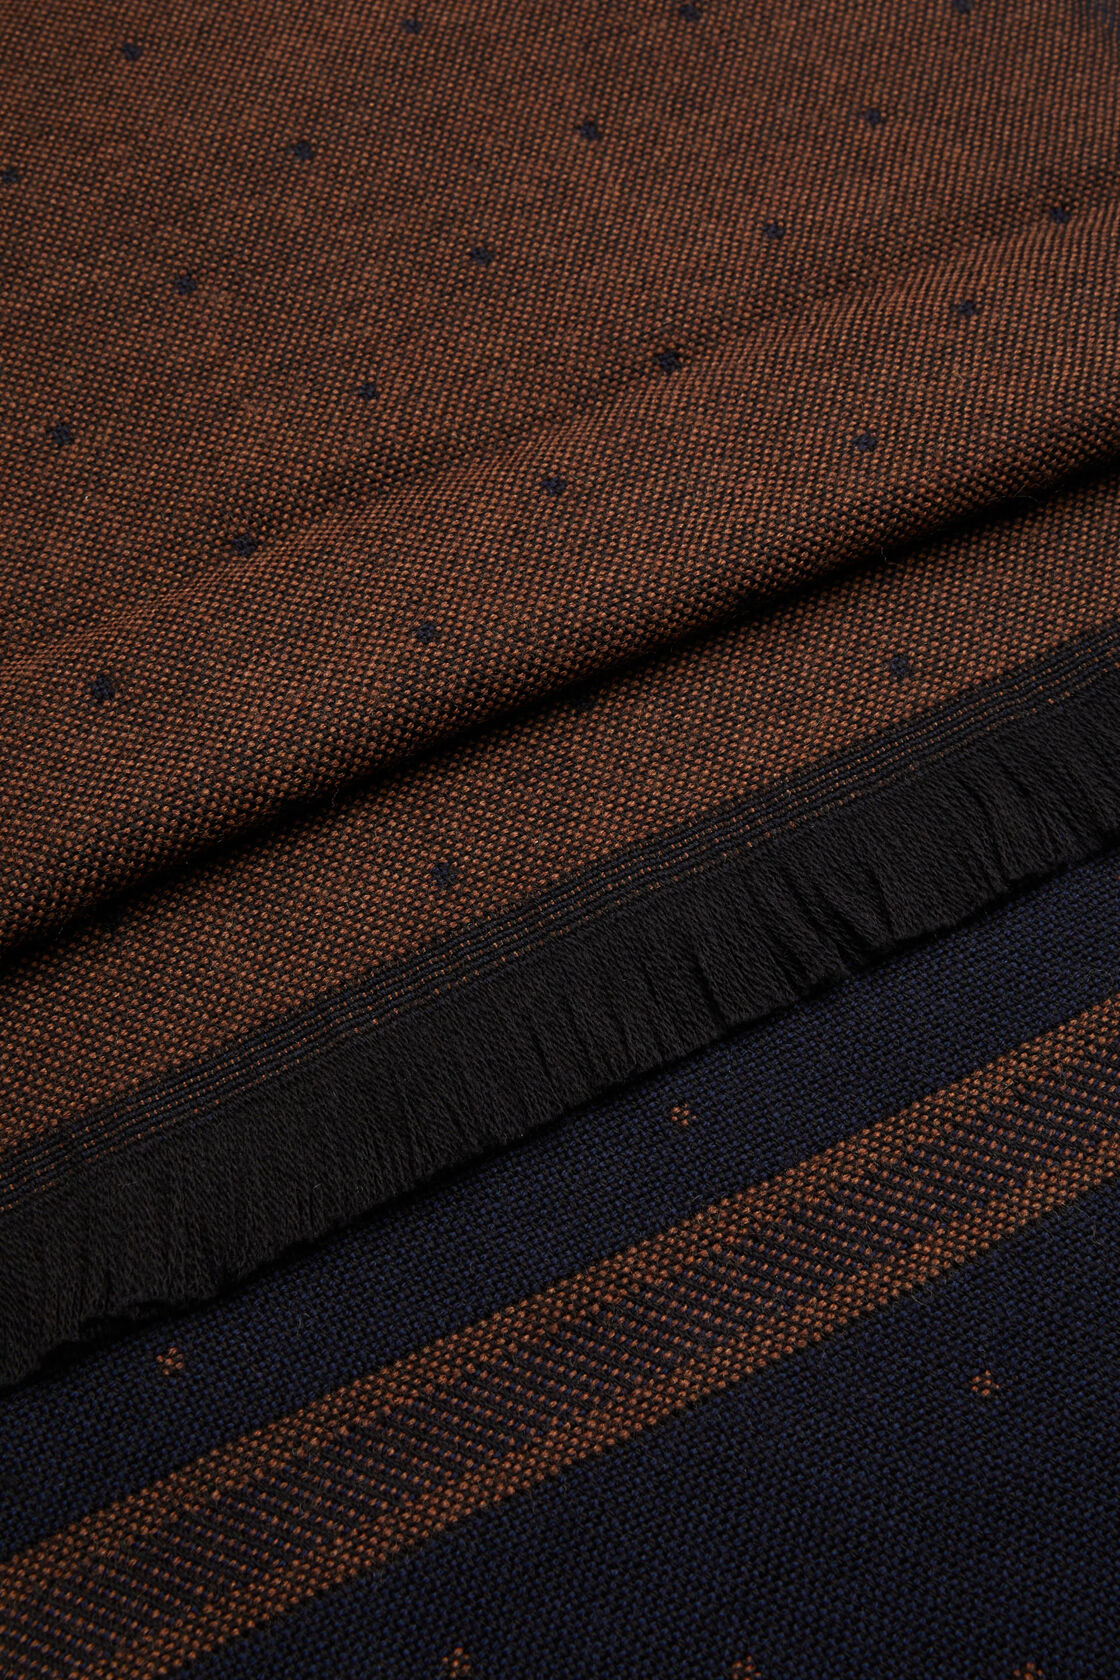 Wollschal mit polka dots, Braun - Blau, hi-res